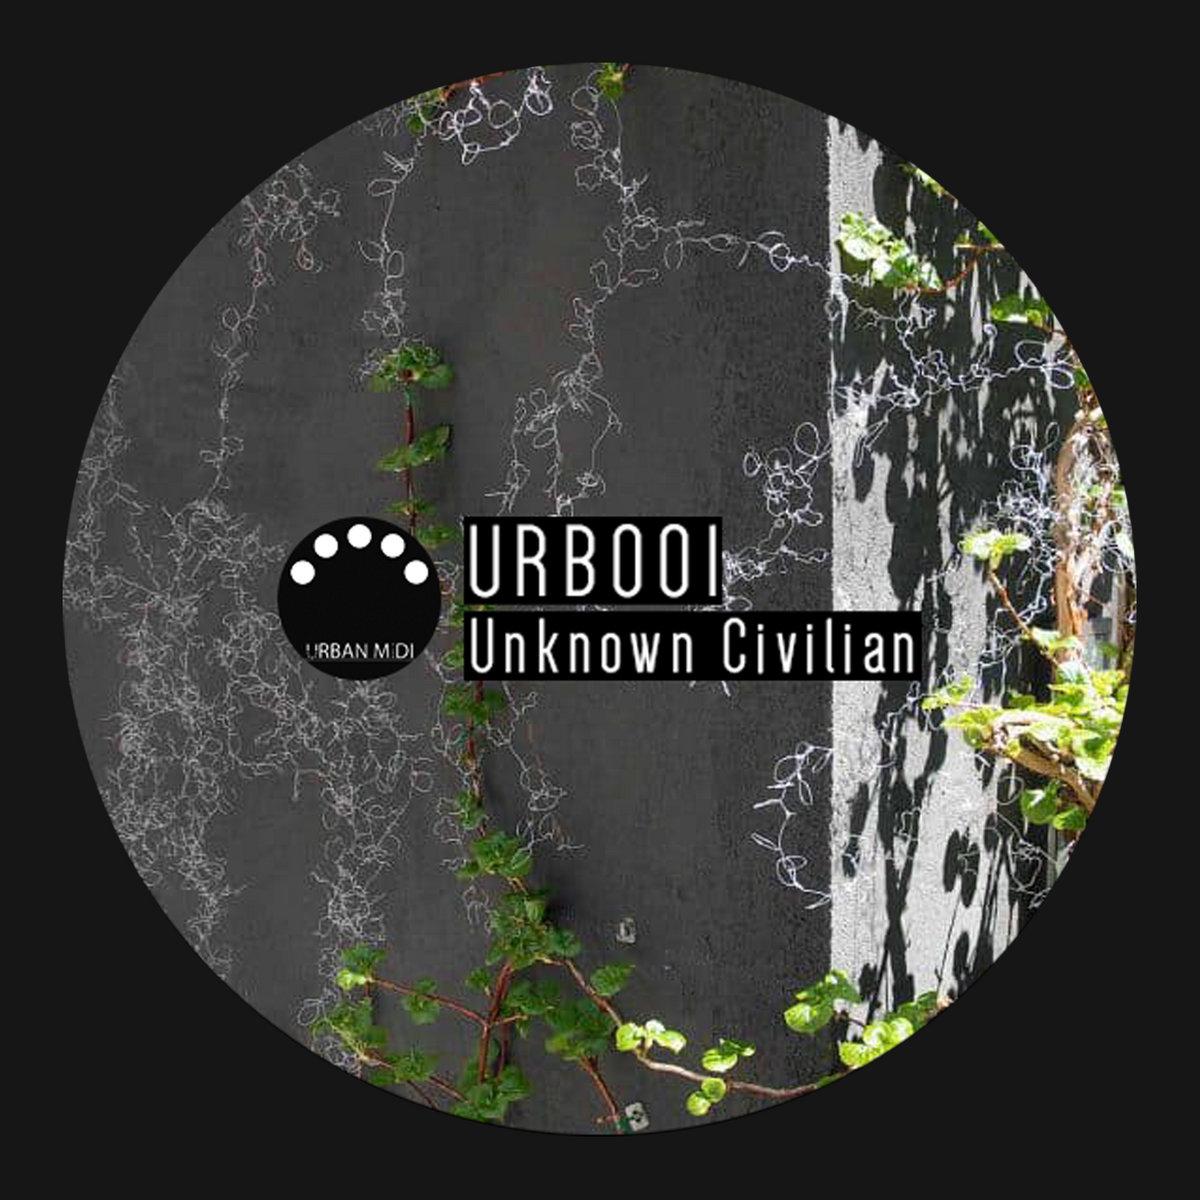 Urban MIDI Records // Unknown Civilian Series presents the iconic URB001